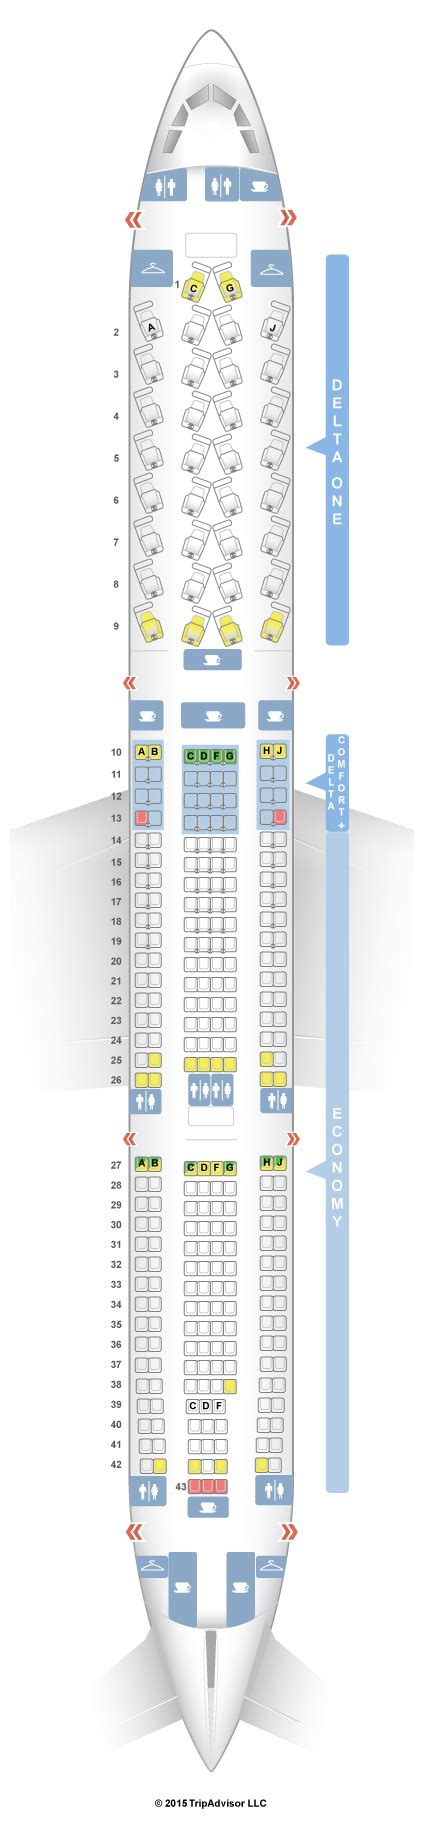 SeatGuru Seat Map Delta Airbus A330 300 (333) Seatguru